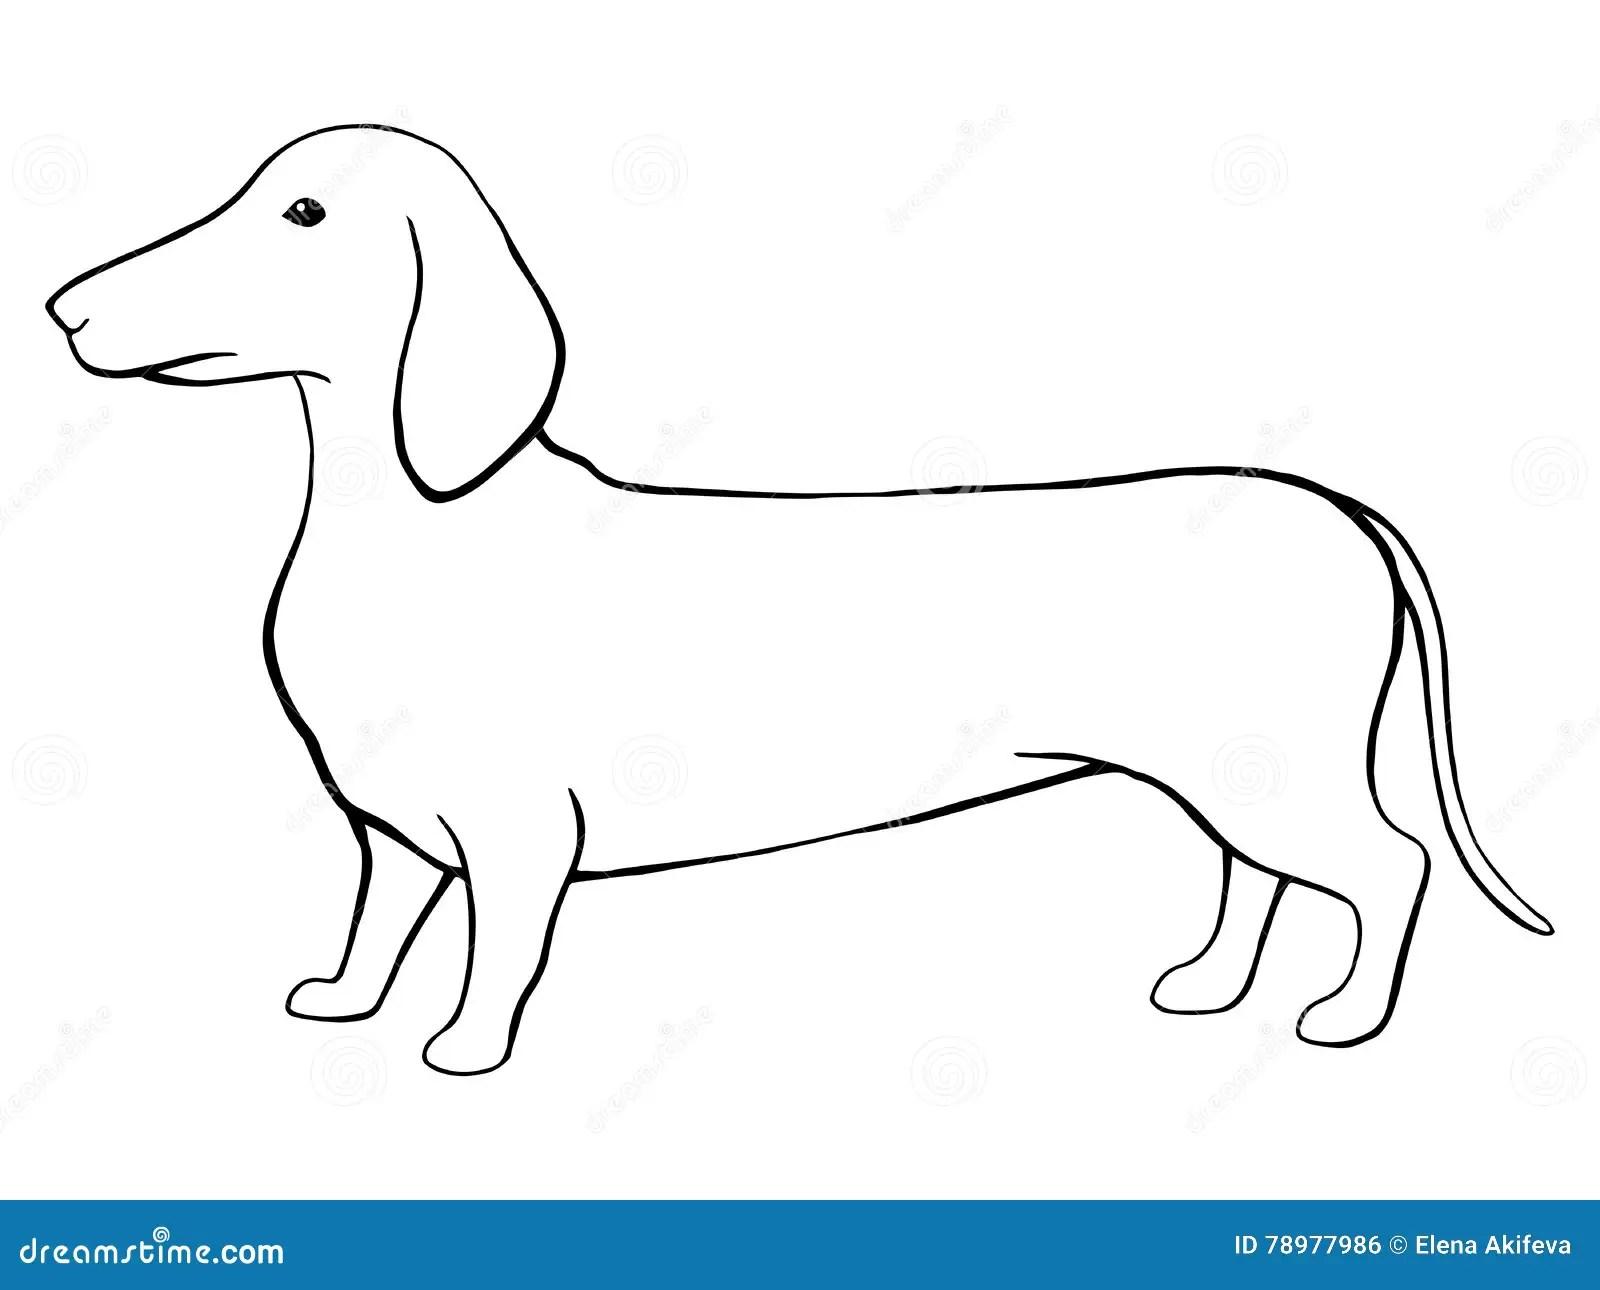 Dog Dachshund Graphic Black White Sketch Illustration